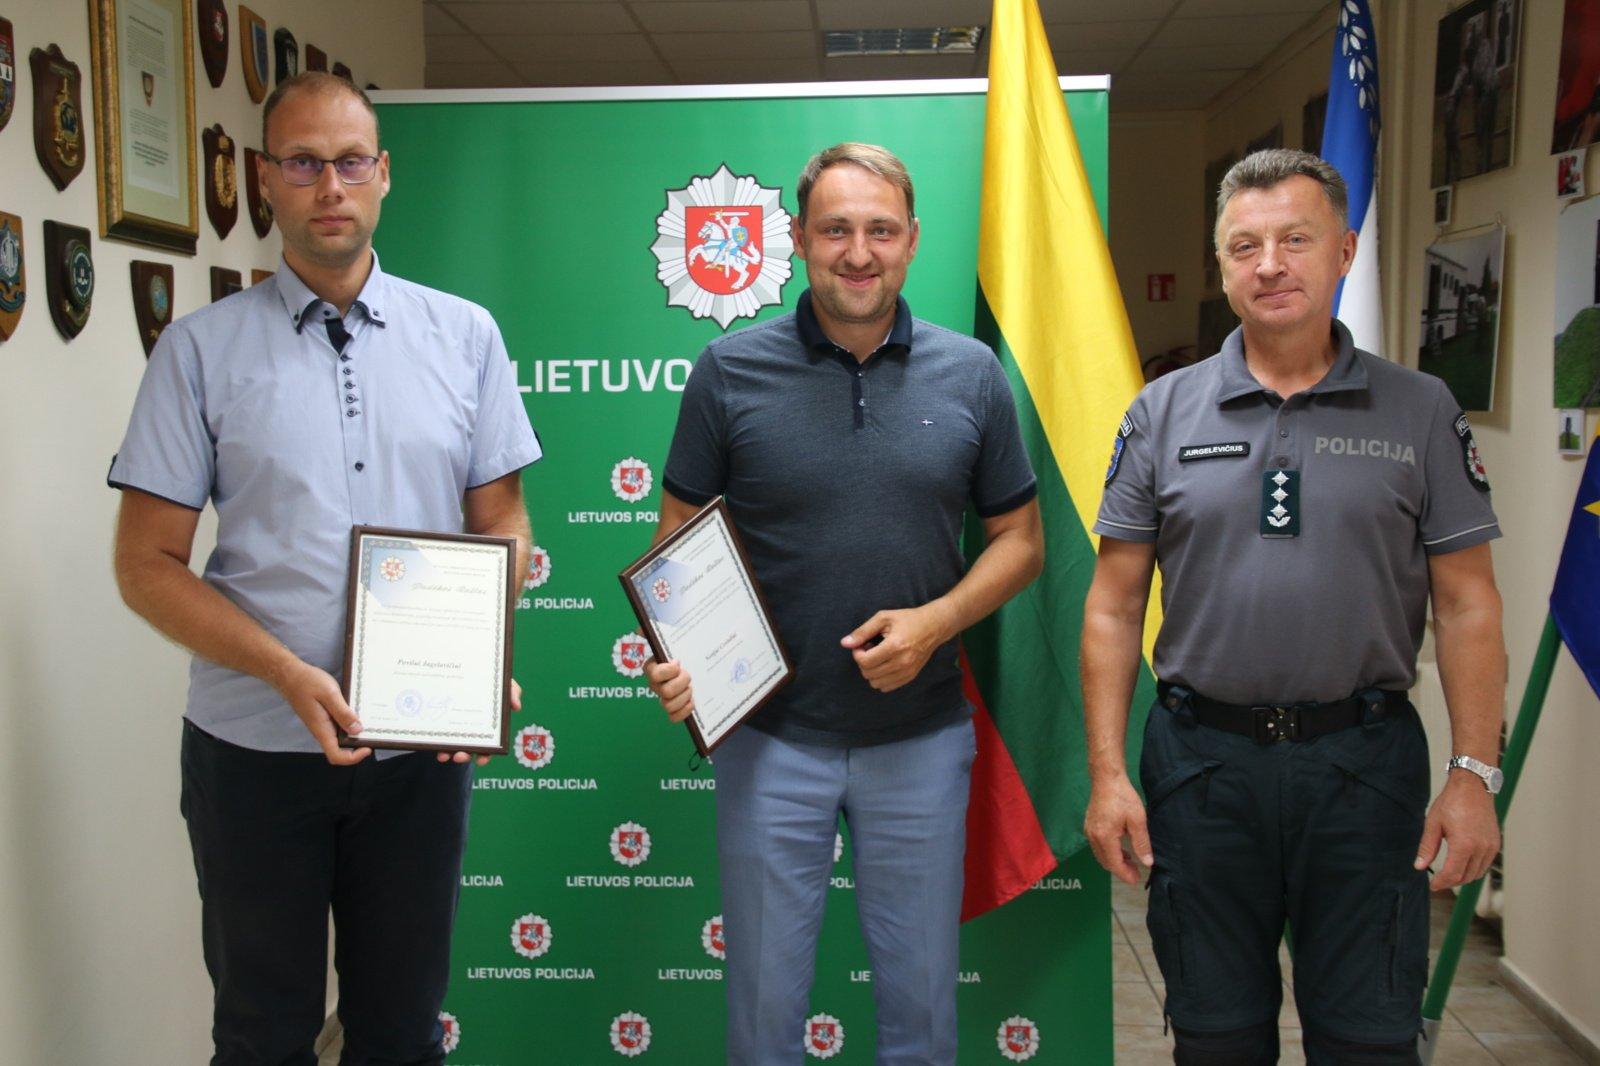 Alytaus regione įteiktos padėkos už sėkmingą vakcinaciją nuo COVID-19